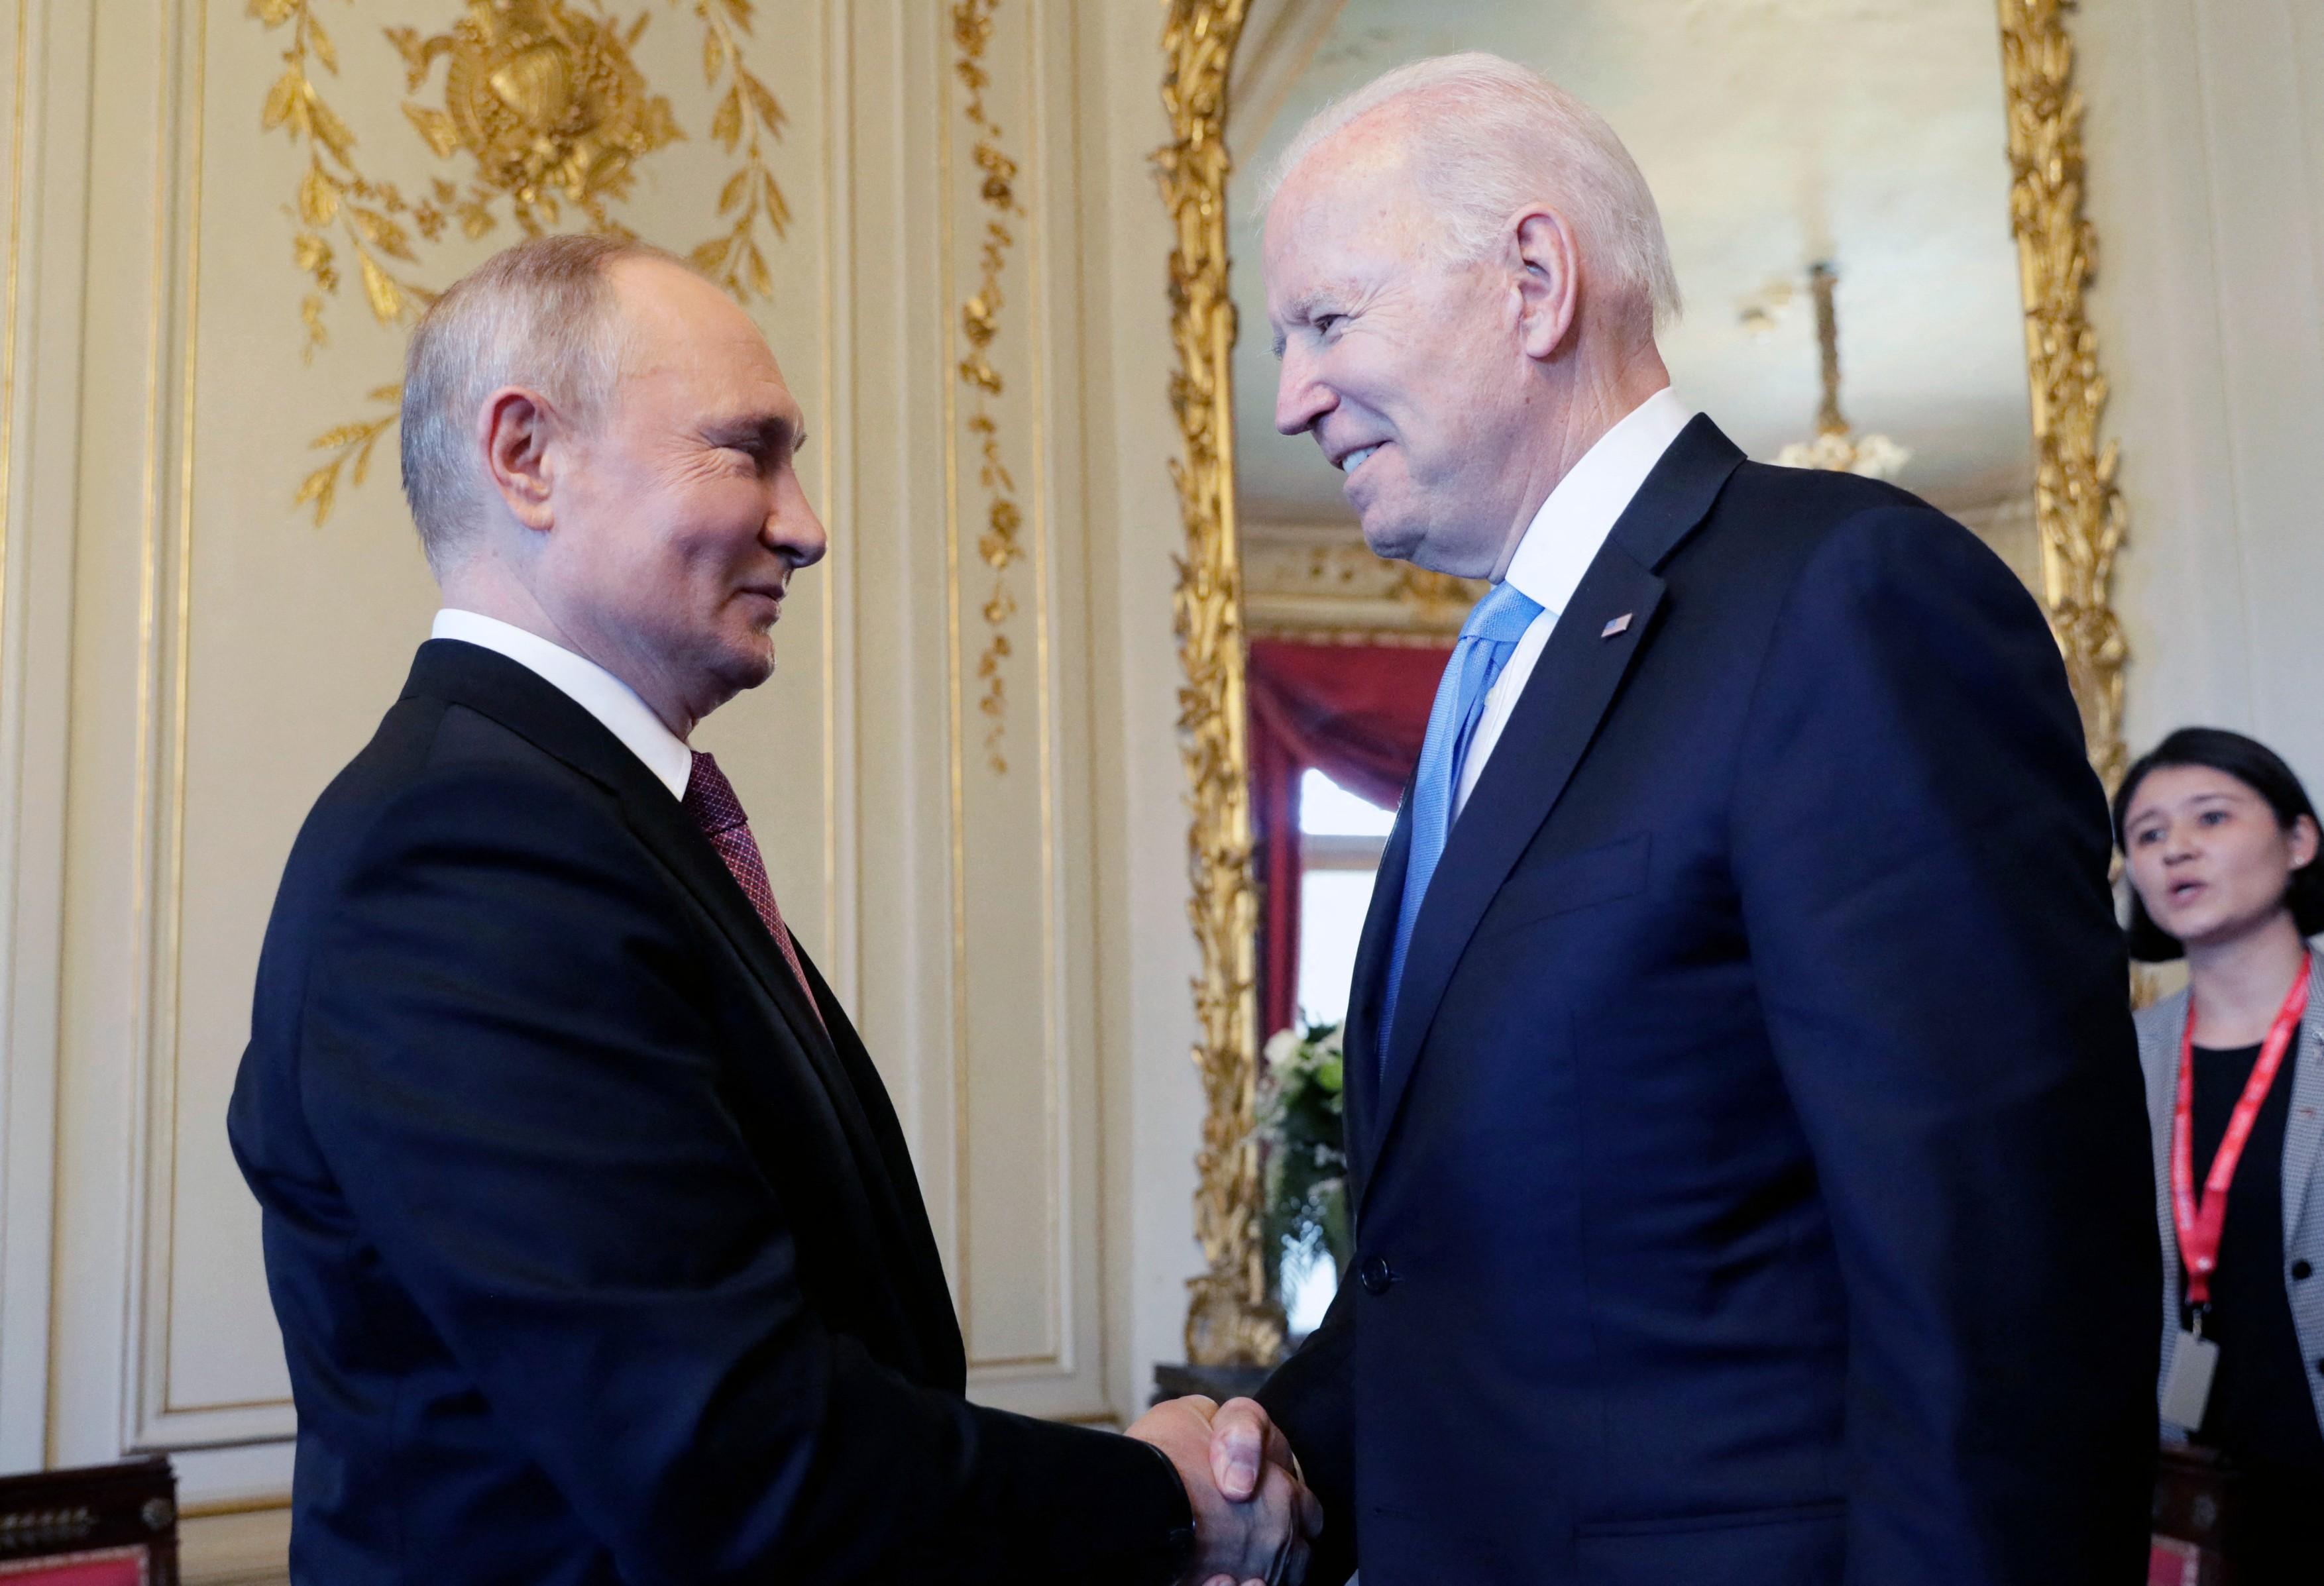 O expertă în limbajul trupului decodifică întâlnirea Biden - Putin. Ce au transmis cei doi lideri fără să vorbească VIDEO